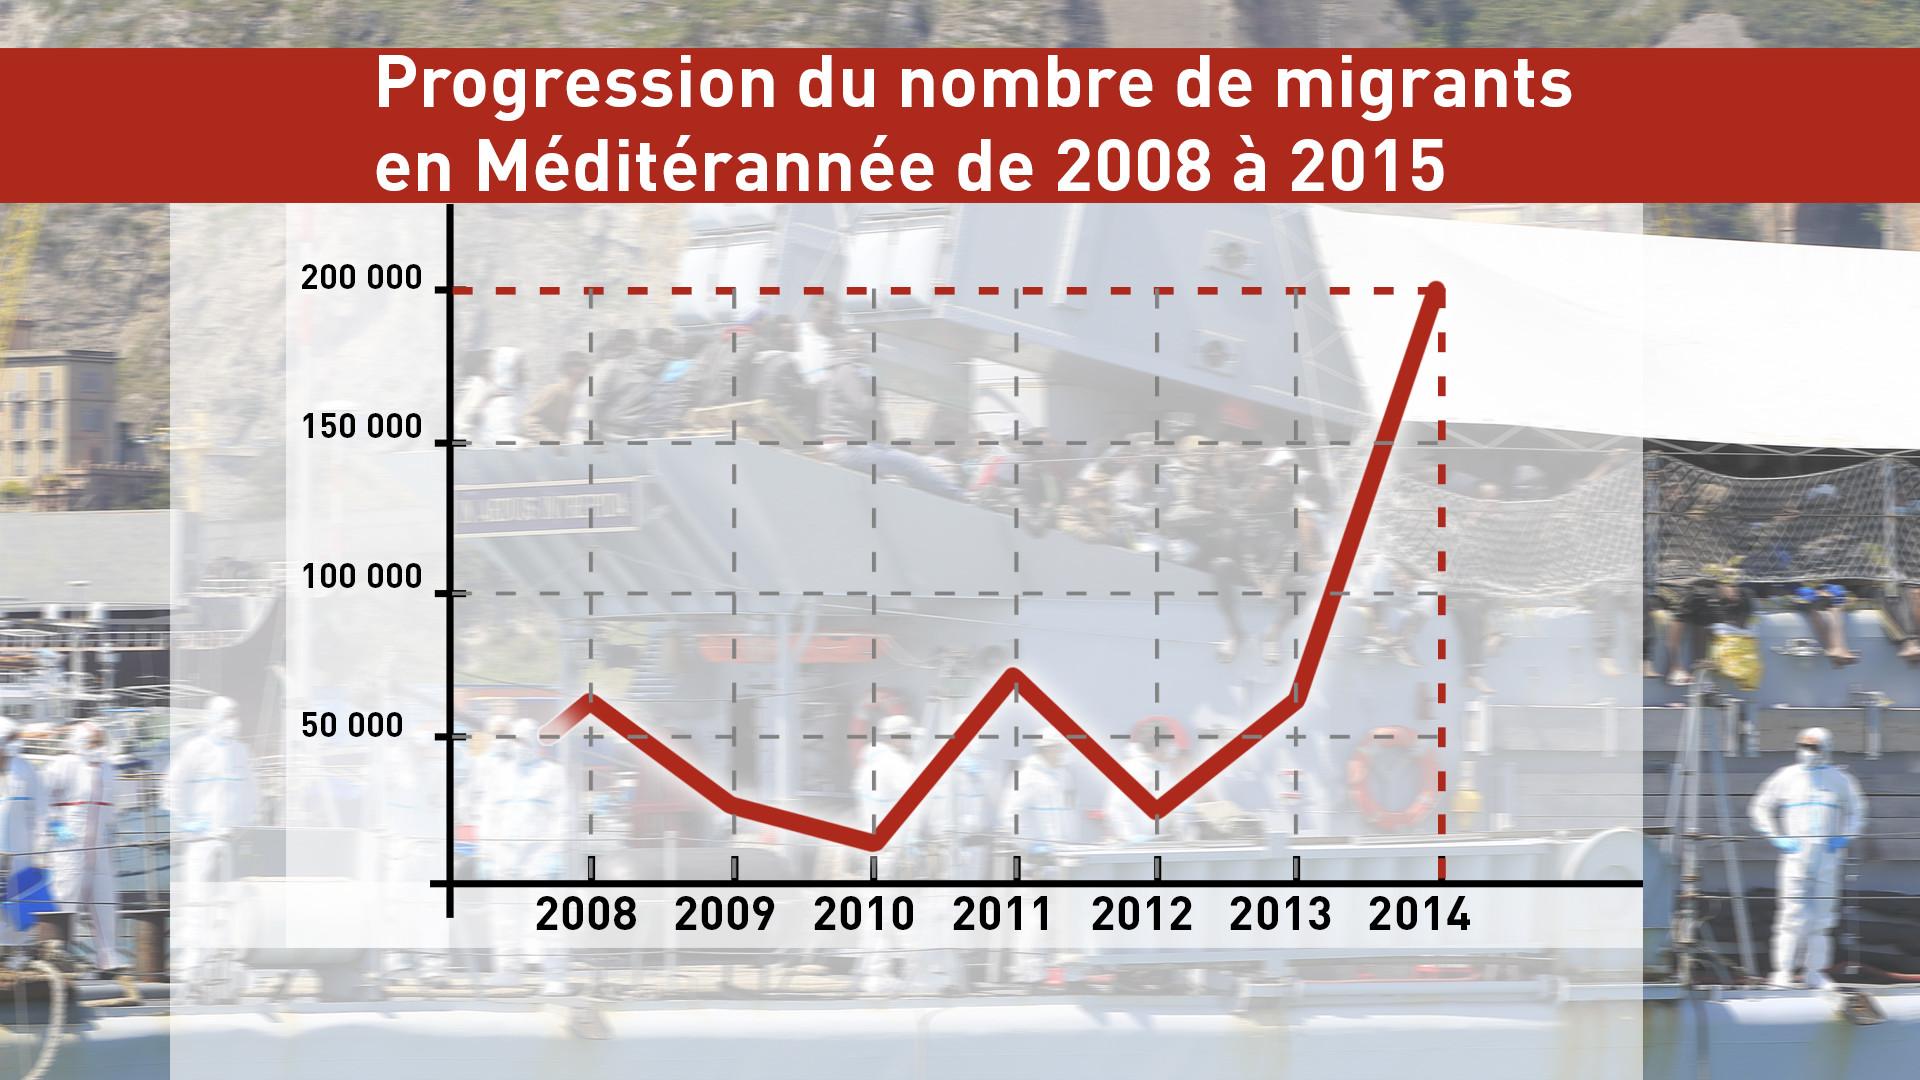 La progression du nombre de migrants en Méditérannée de 2008 à 2015